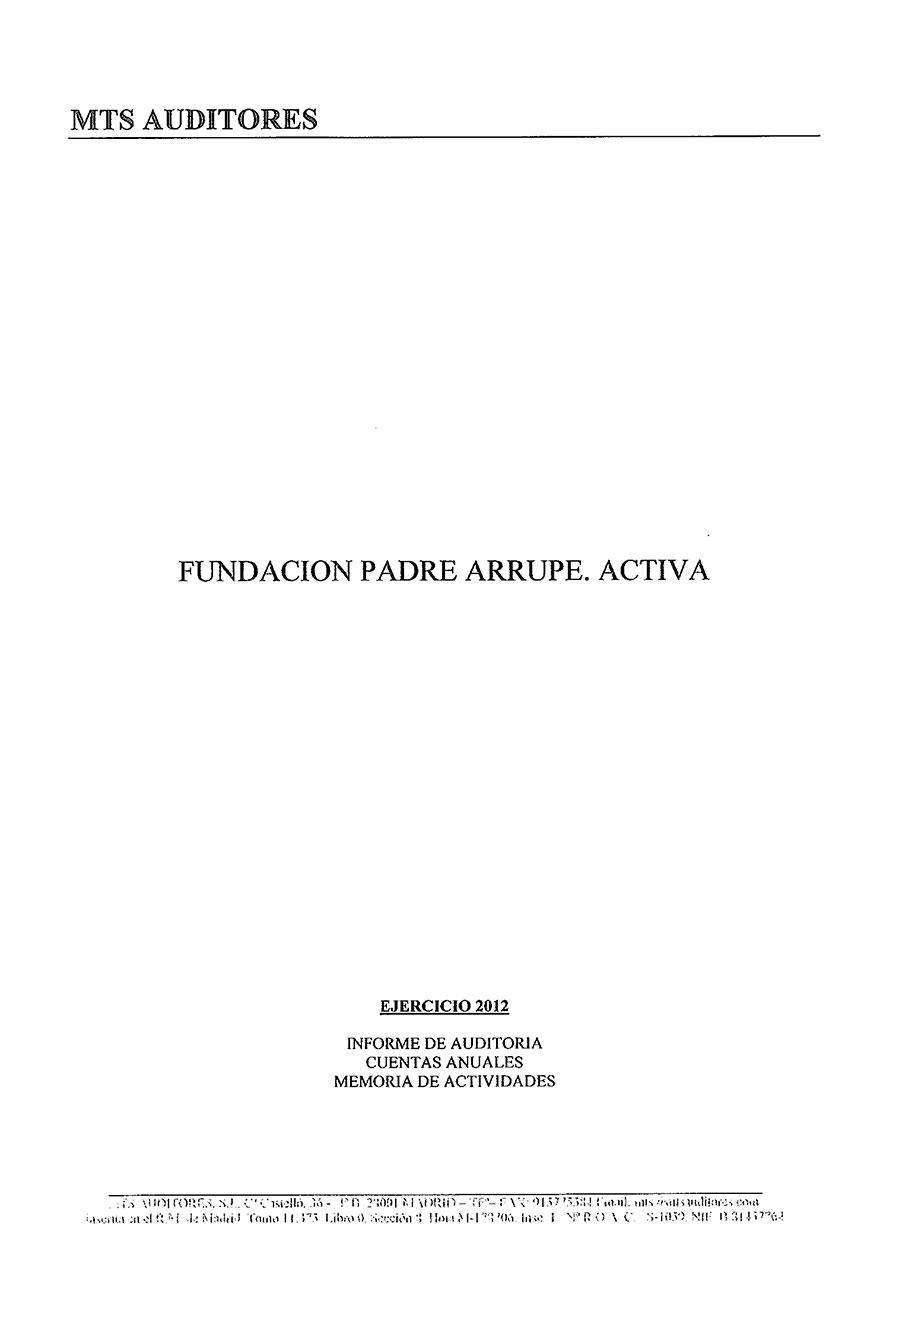 Informe-de-auditoria-2012-1